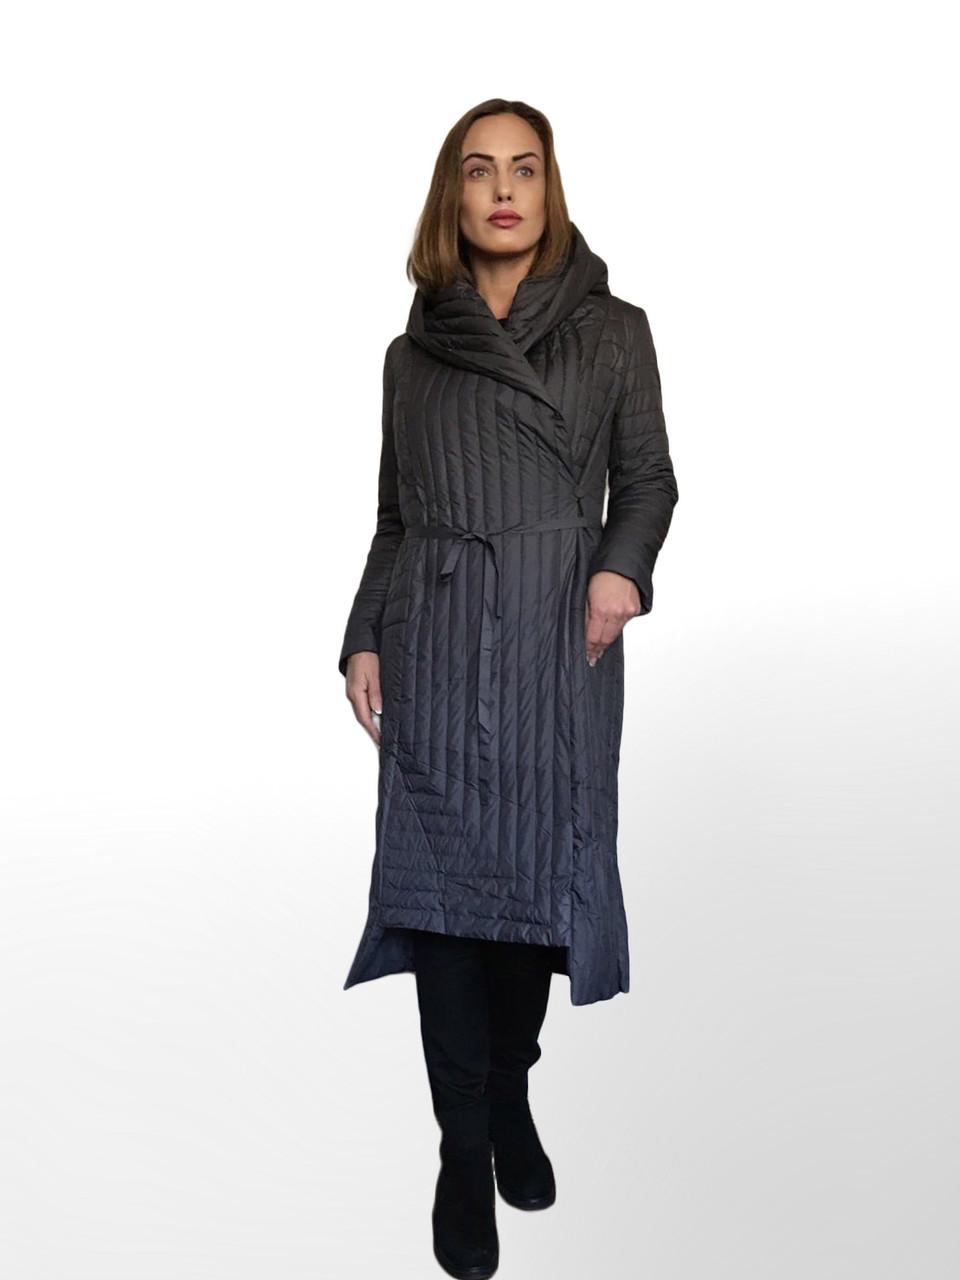 ТРЕНД - Дизайнерское Фабричное Пальто-плащ TONGCOI. Гарантия высокого качества и стиля! Р-ры 42-44